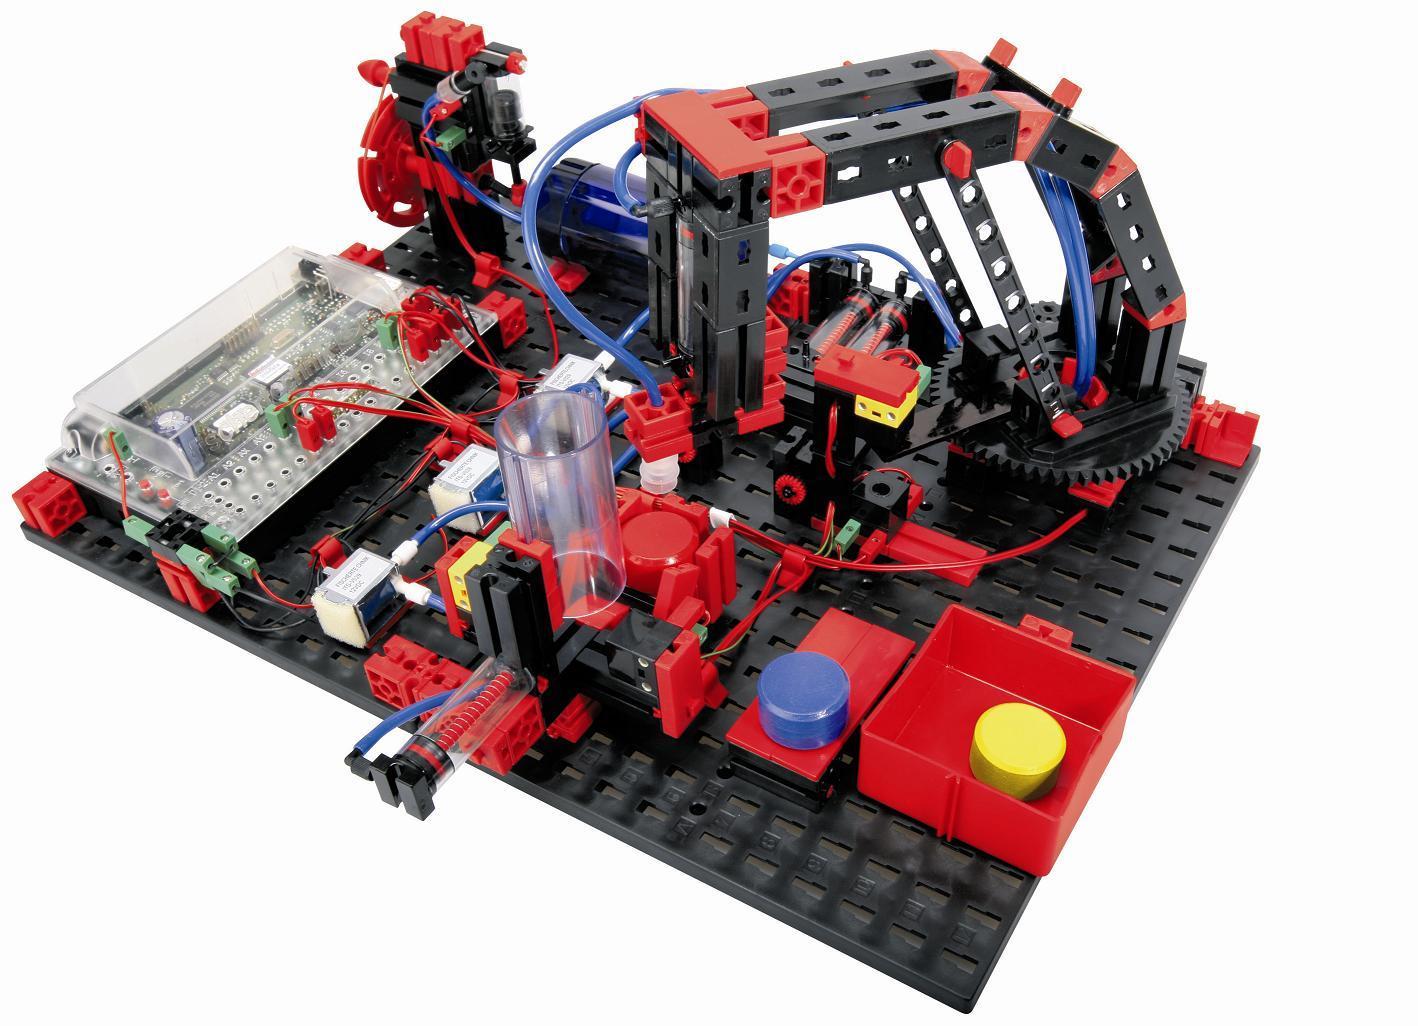 http://www.cc-c.de/fischertechnik/images/ft_museum/08_robo_pneuvac_model.jpg